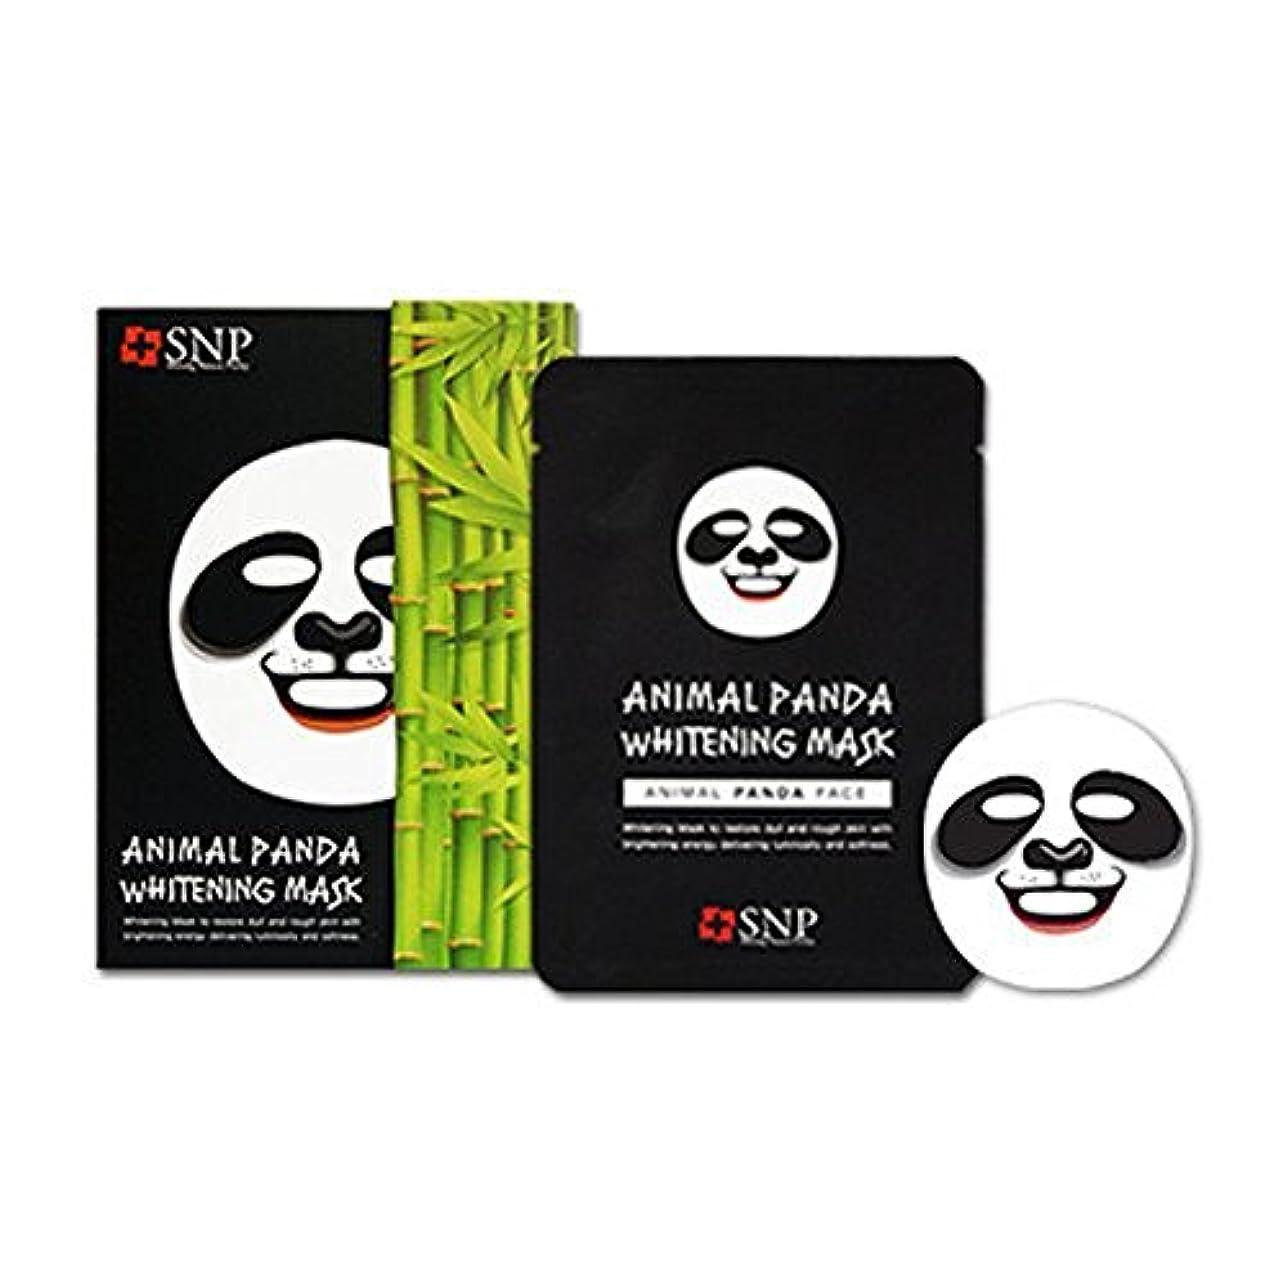 その他警戒怠惰SNP エスエンピ 動物マスクシート 10枚入り1box (Animal Mask 10 sheet) 海外直送品 (パンダ Panda)